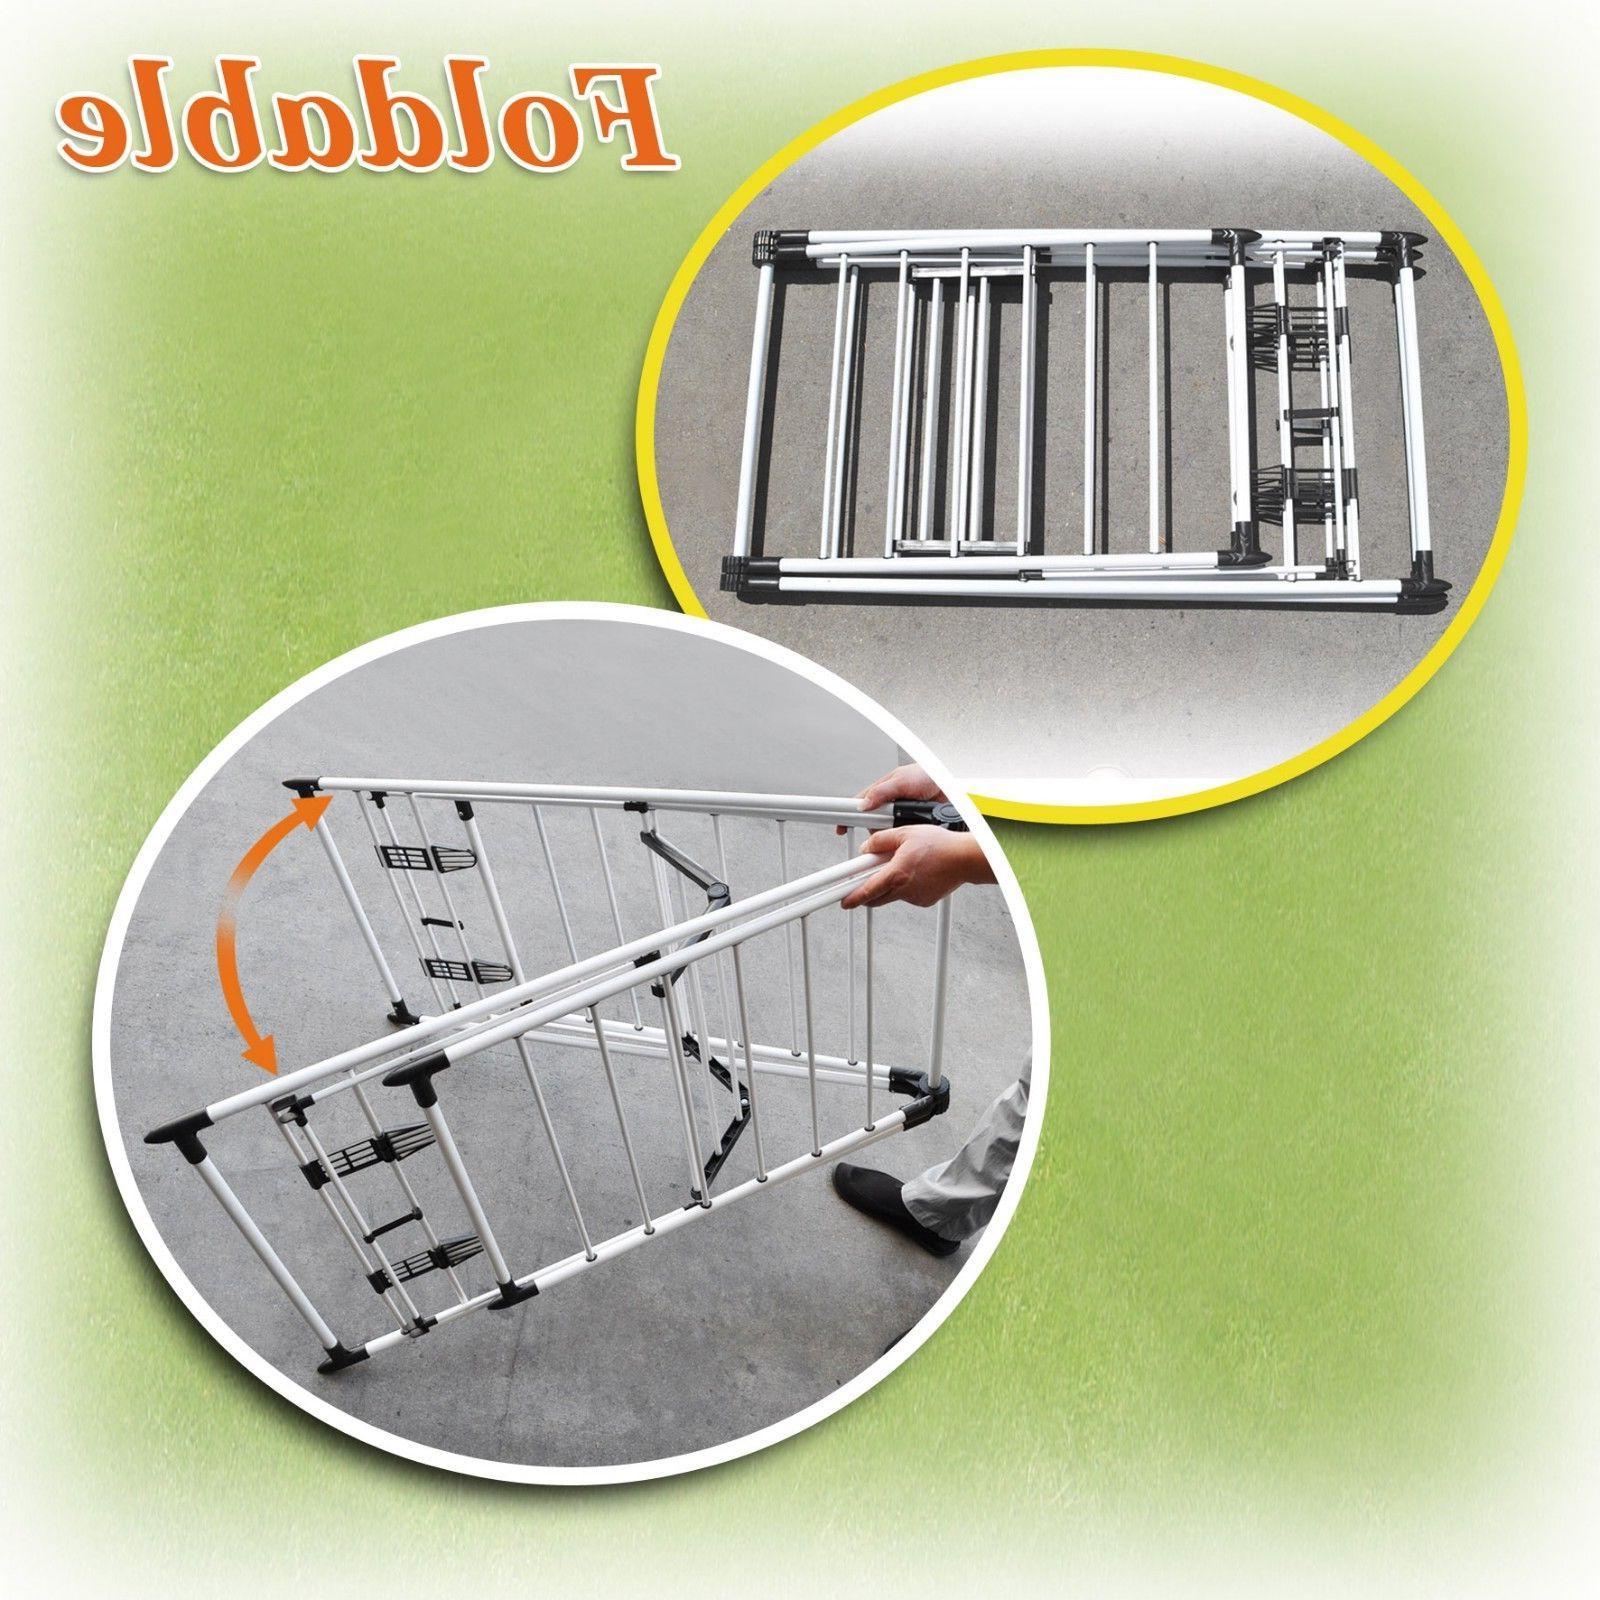 Portable Folding Drying Rack Laundry Hanger Stand Light